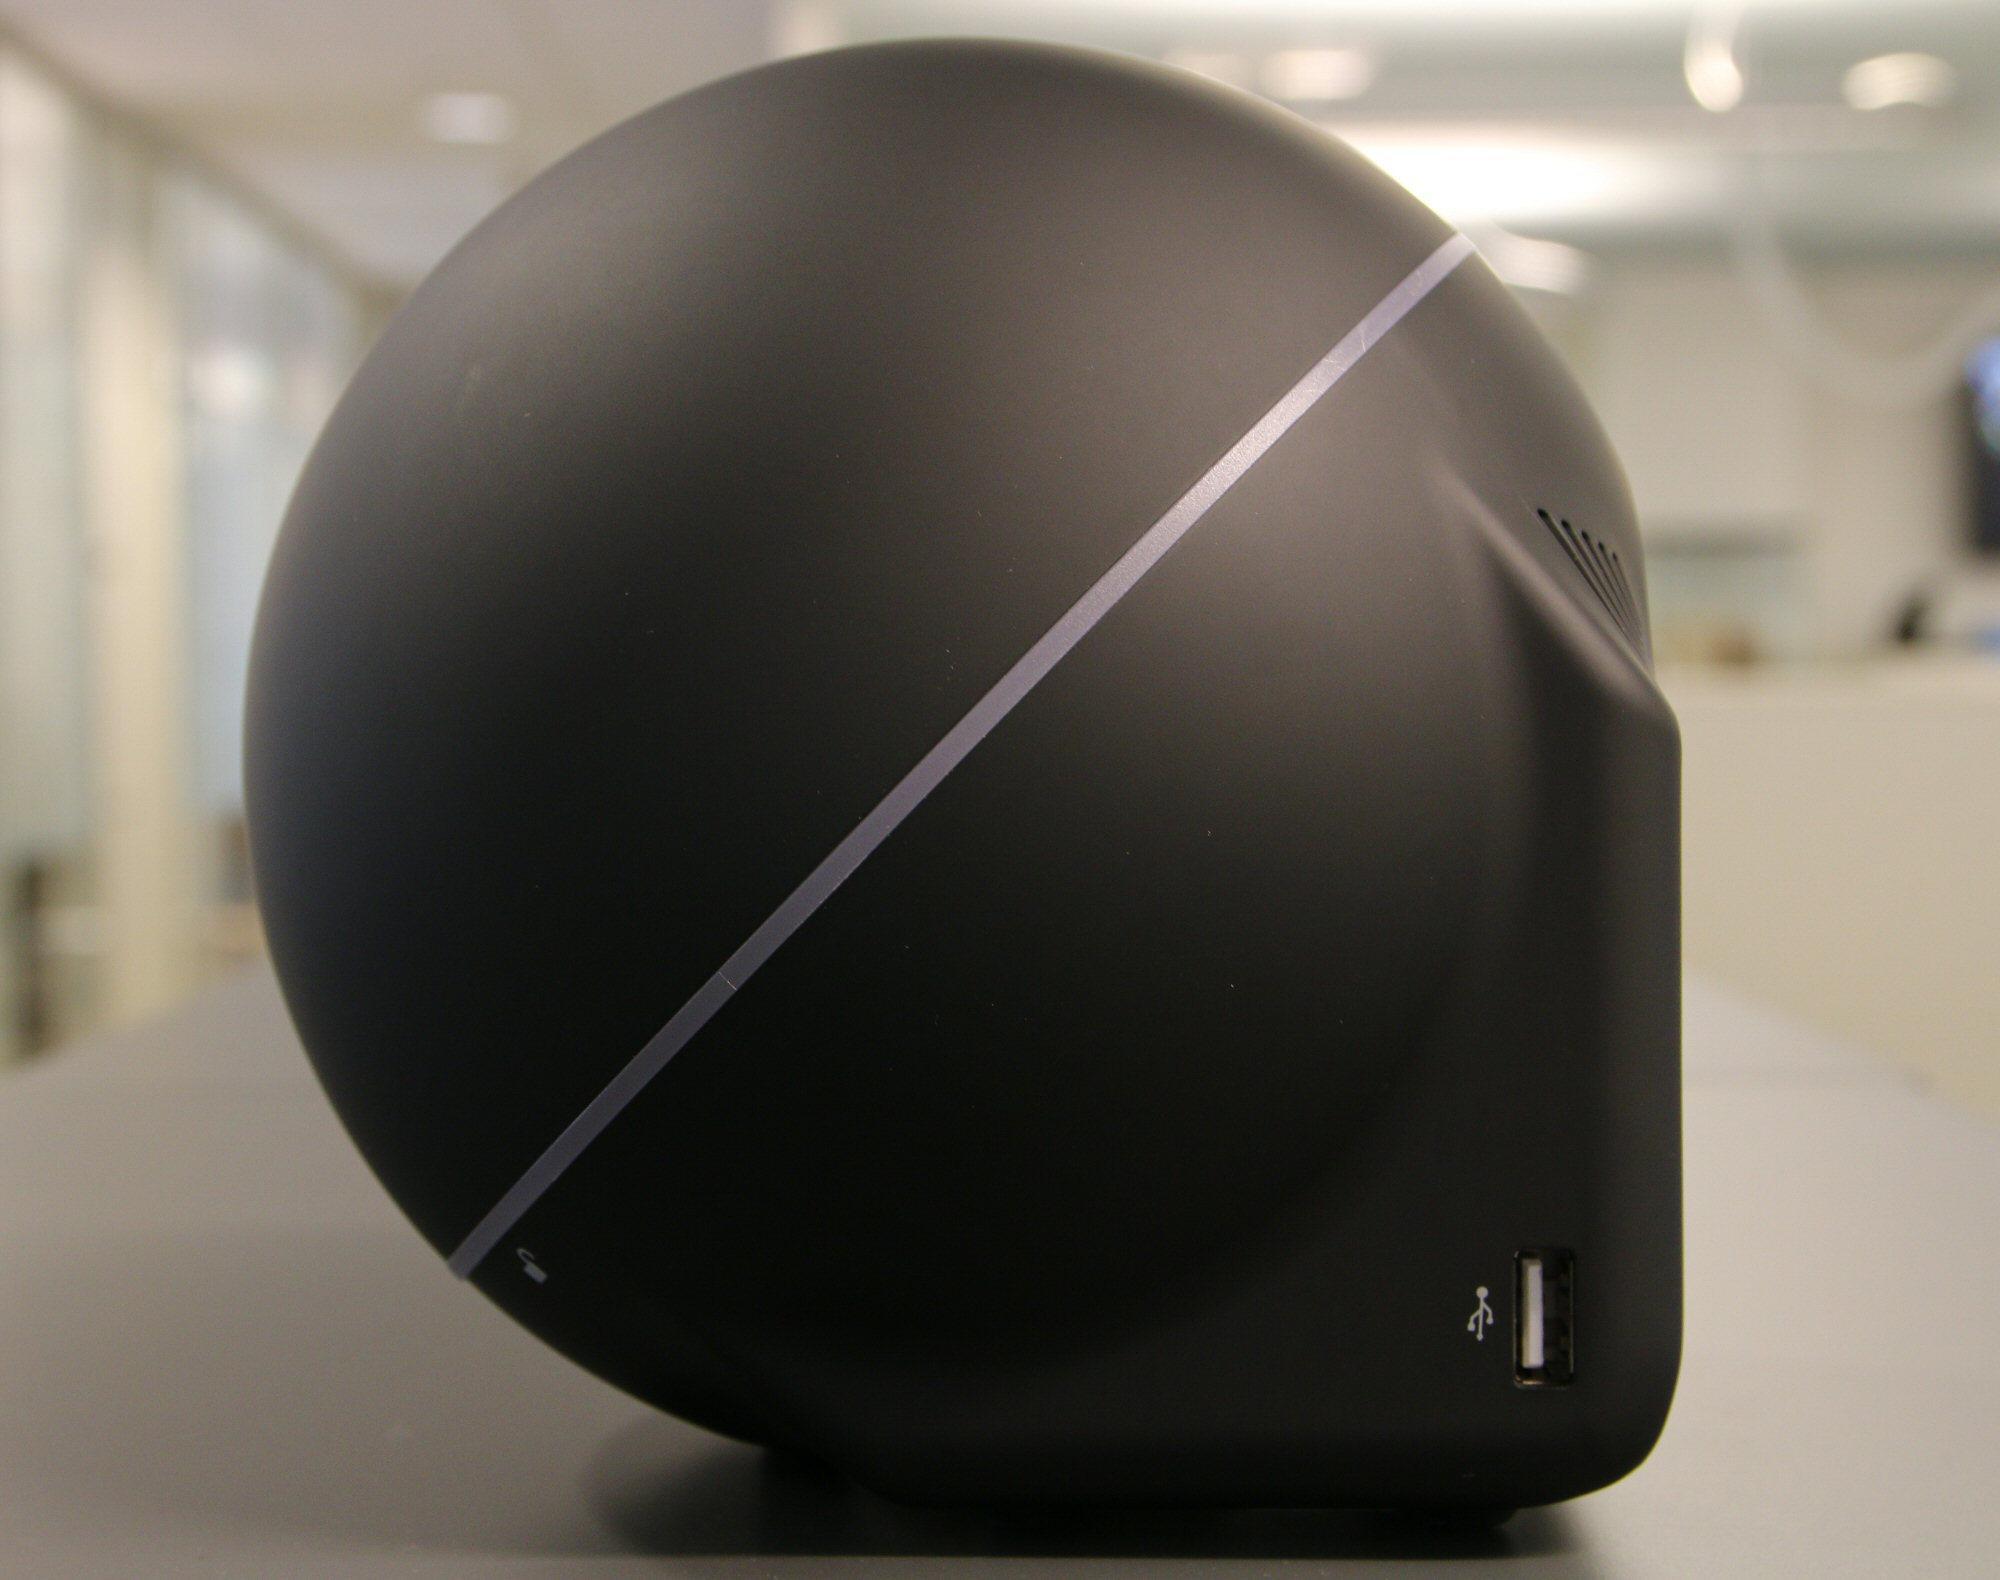 Ja, Zbox Sphere OI520 har en fasong utenom det vi vanligvis ser hos PC-er.Foto: Vegar Jansen, Hardware.no